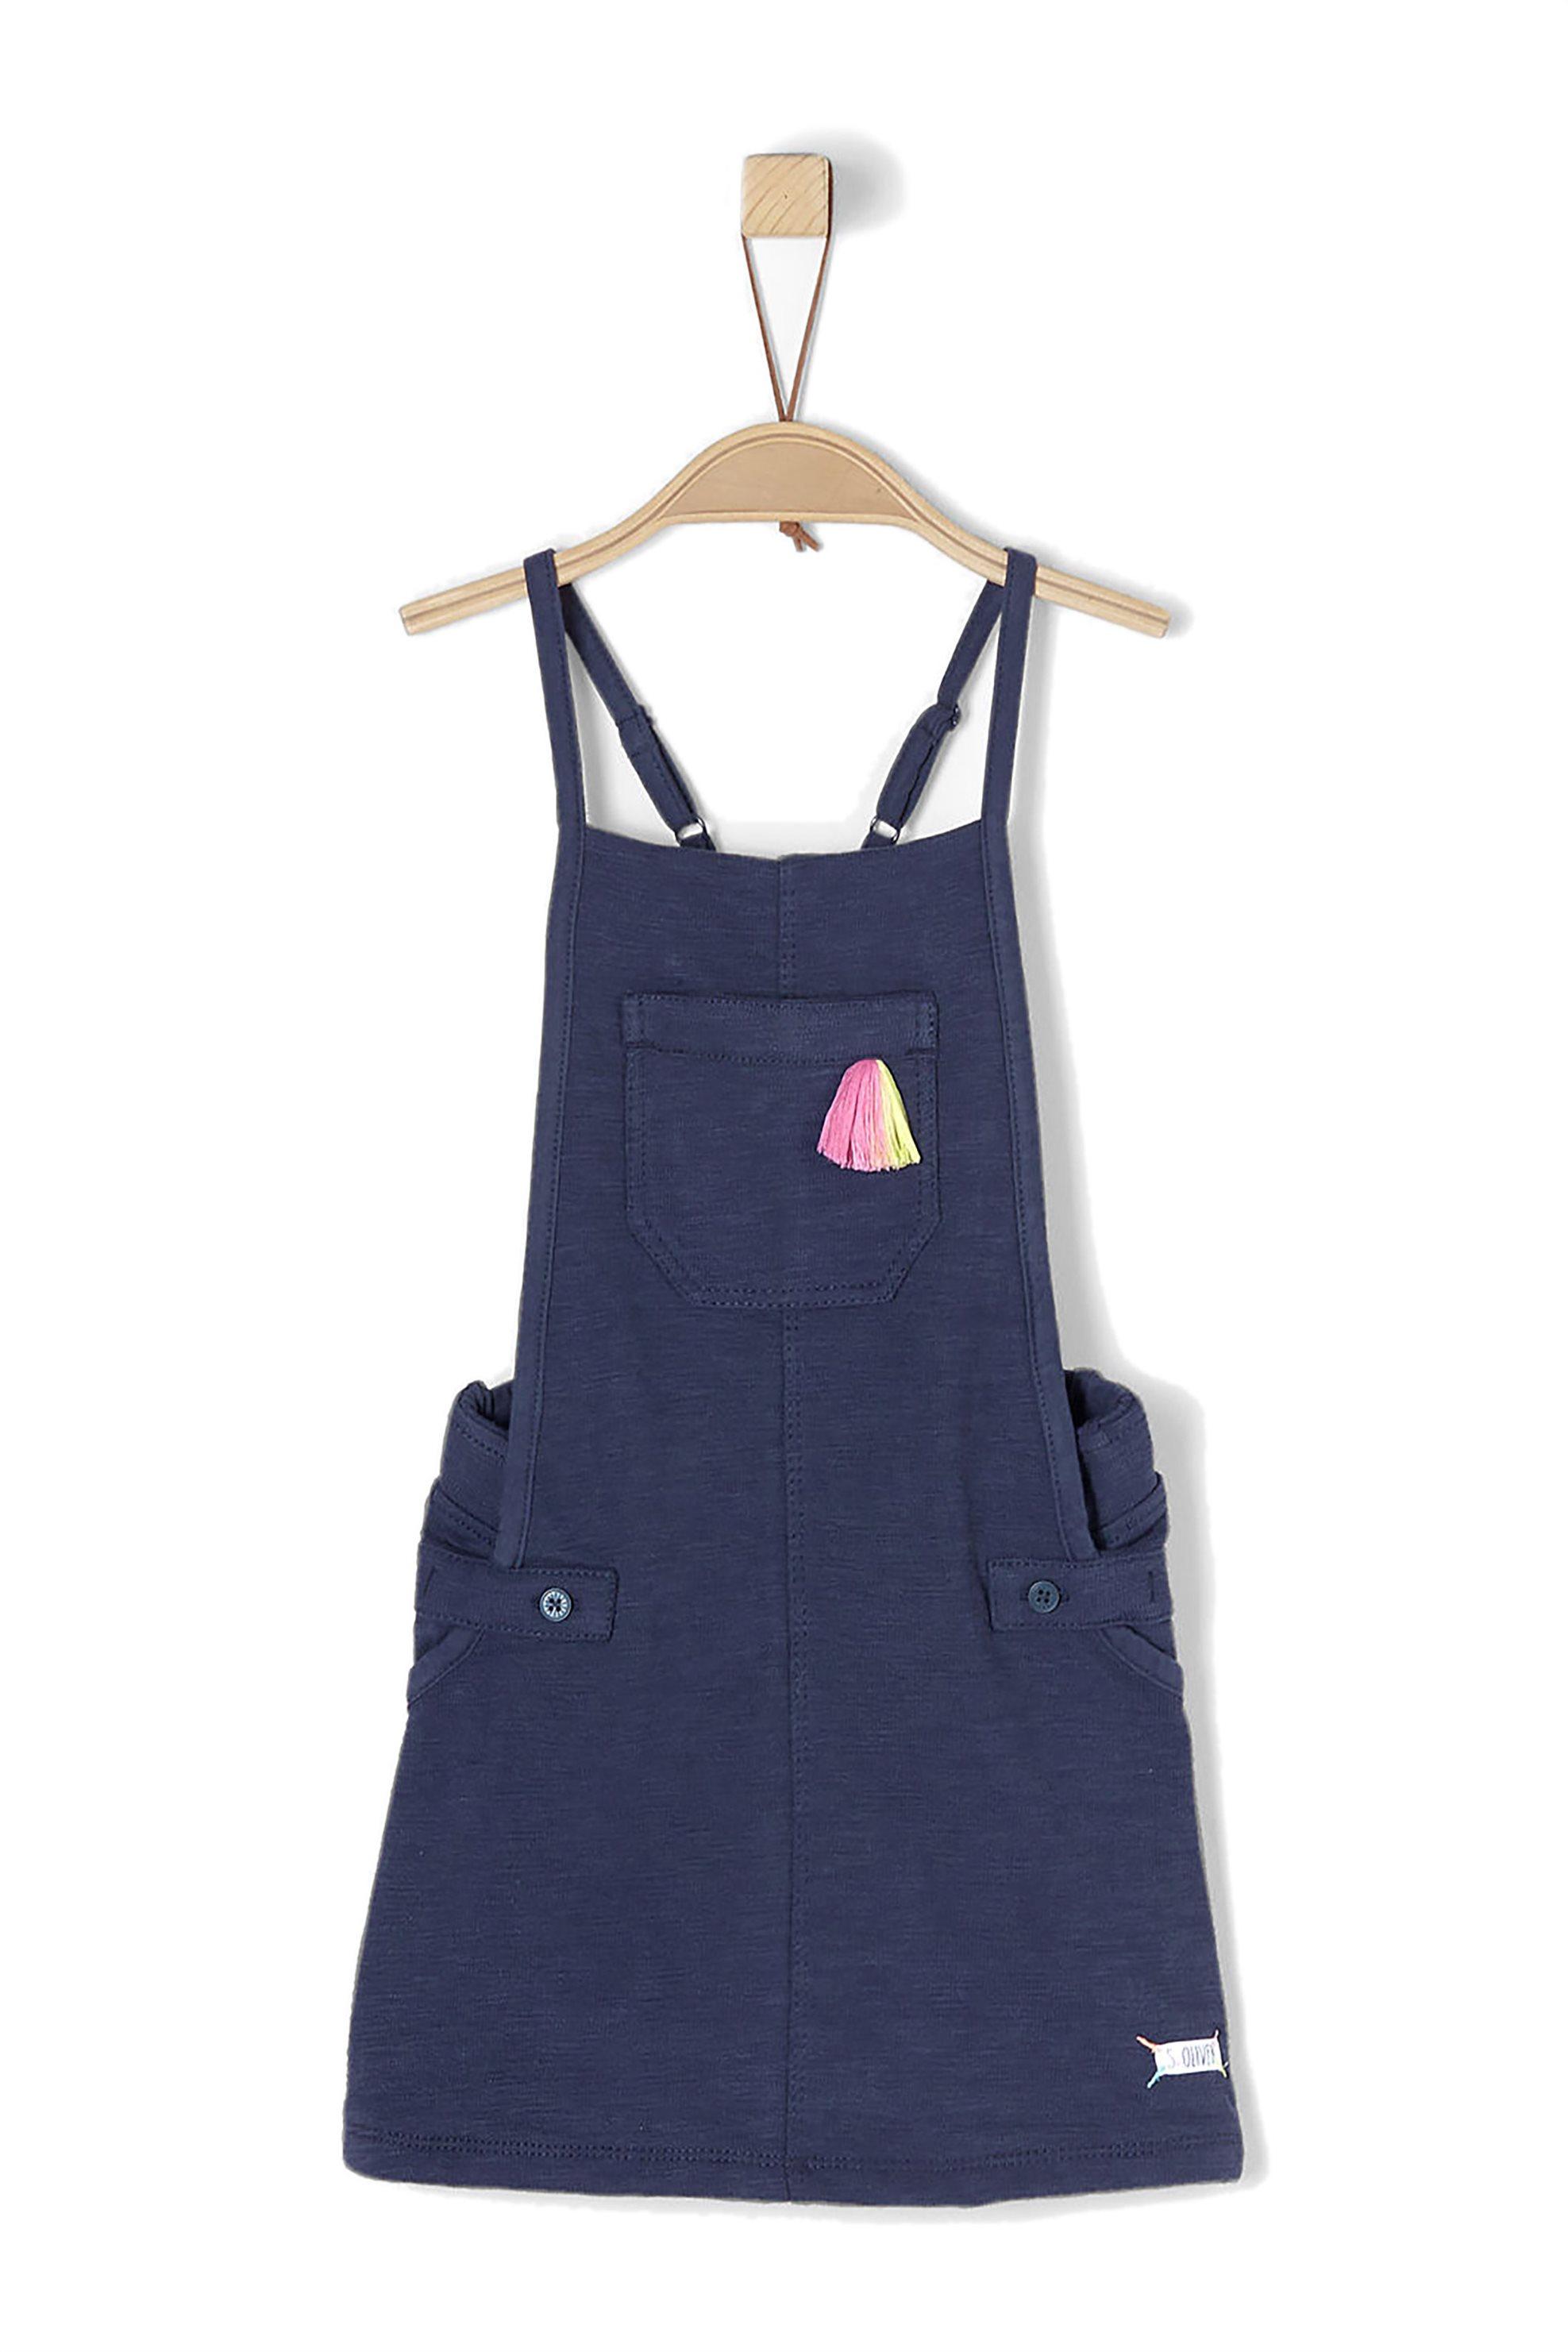 Παιδικό φόρεμα-σαλοπέτα s.Oliver - 53.802.78.8134 - Μπλε παιδι   βρεφικα κοριτσι   0 3 ετων   κοριτσι   4 14 ετων   φορέματα   ρούχα   φο